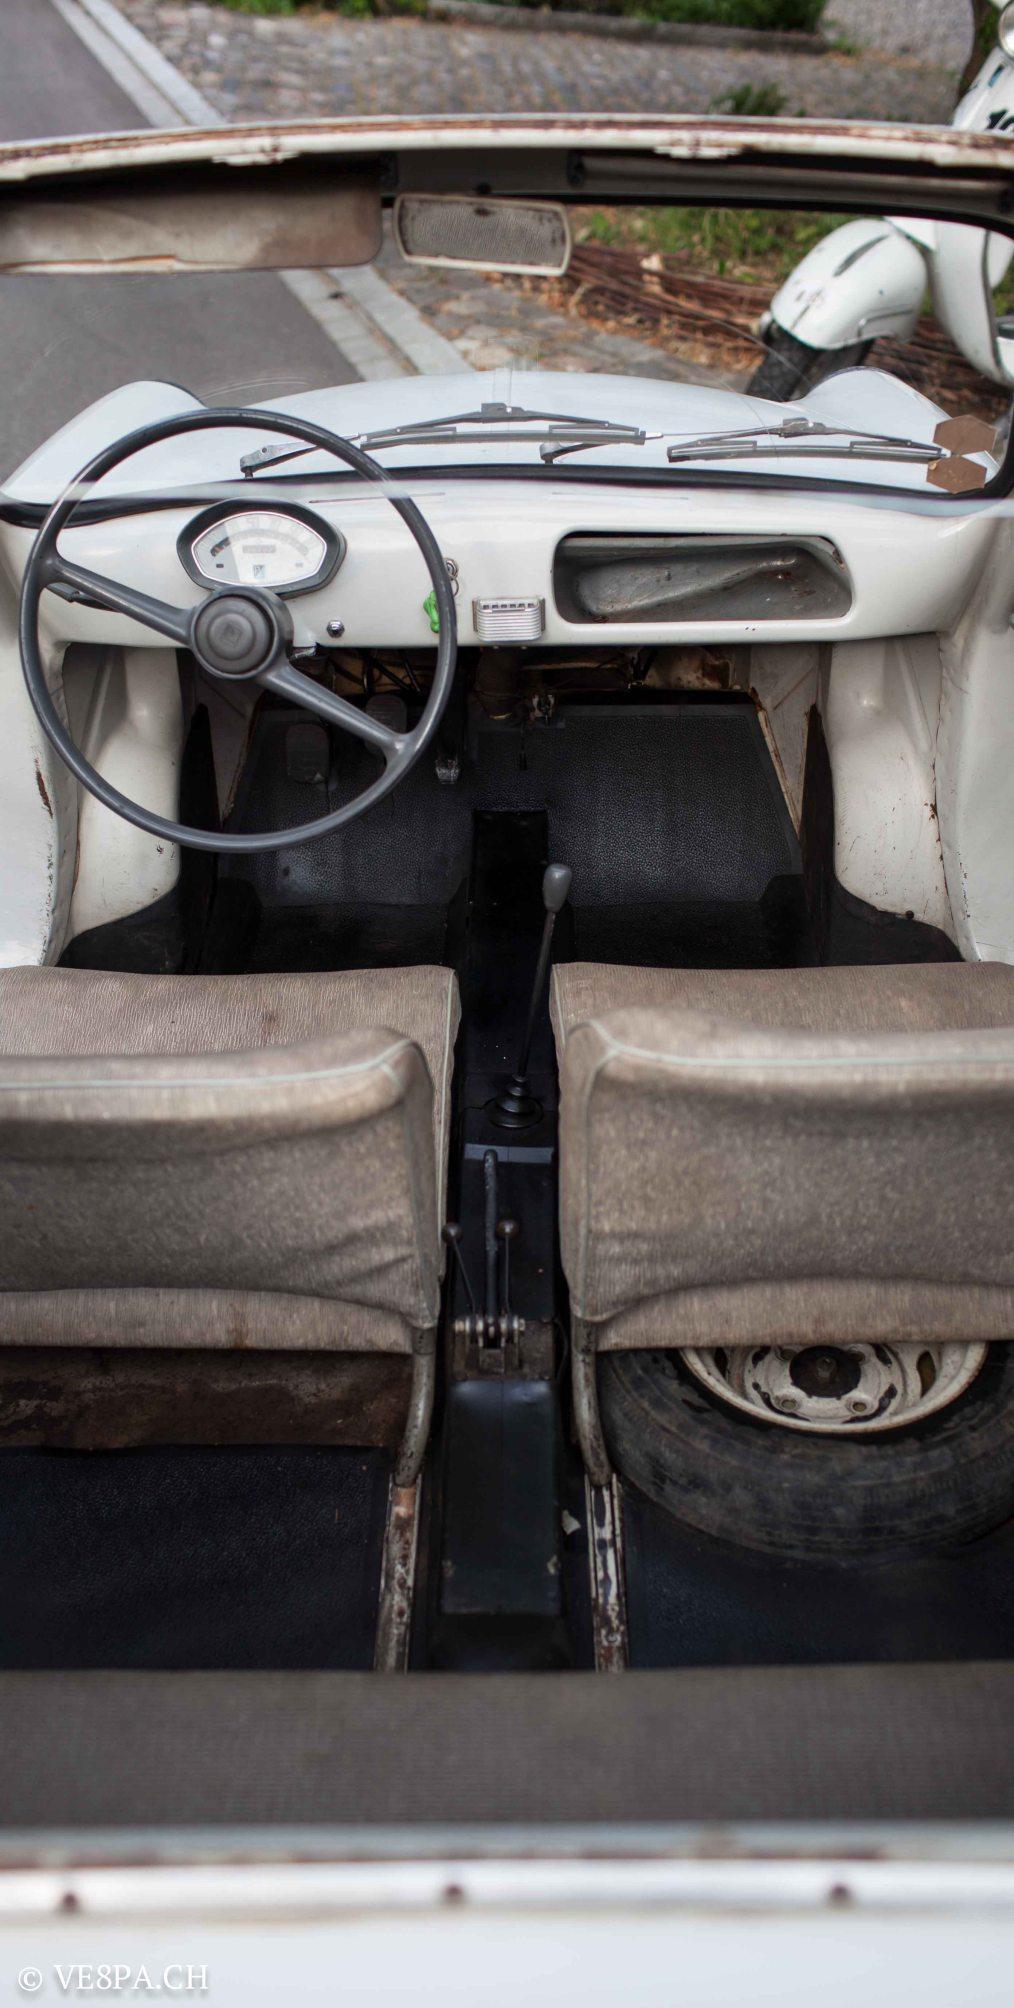 Vespa ACMA 400, 1958, O-Lack, Erstserie, www.VE8PA.CH-51